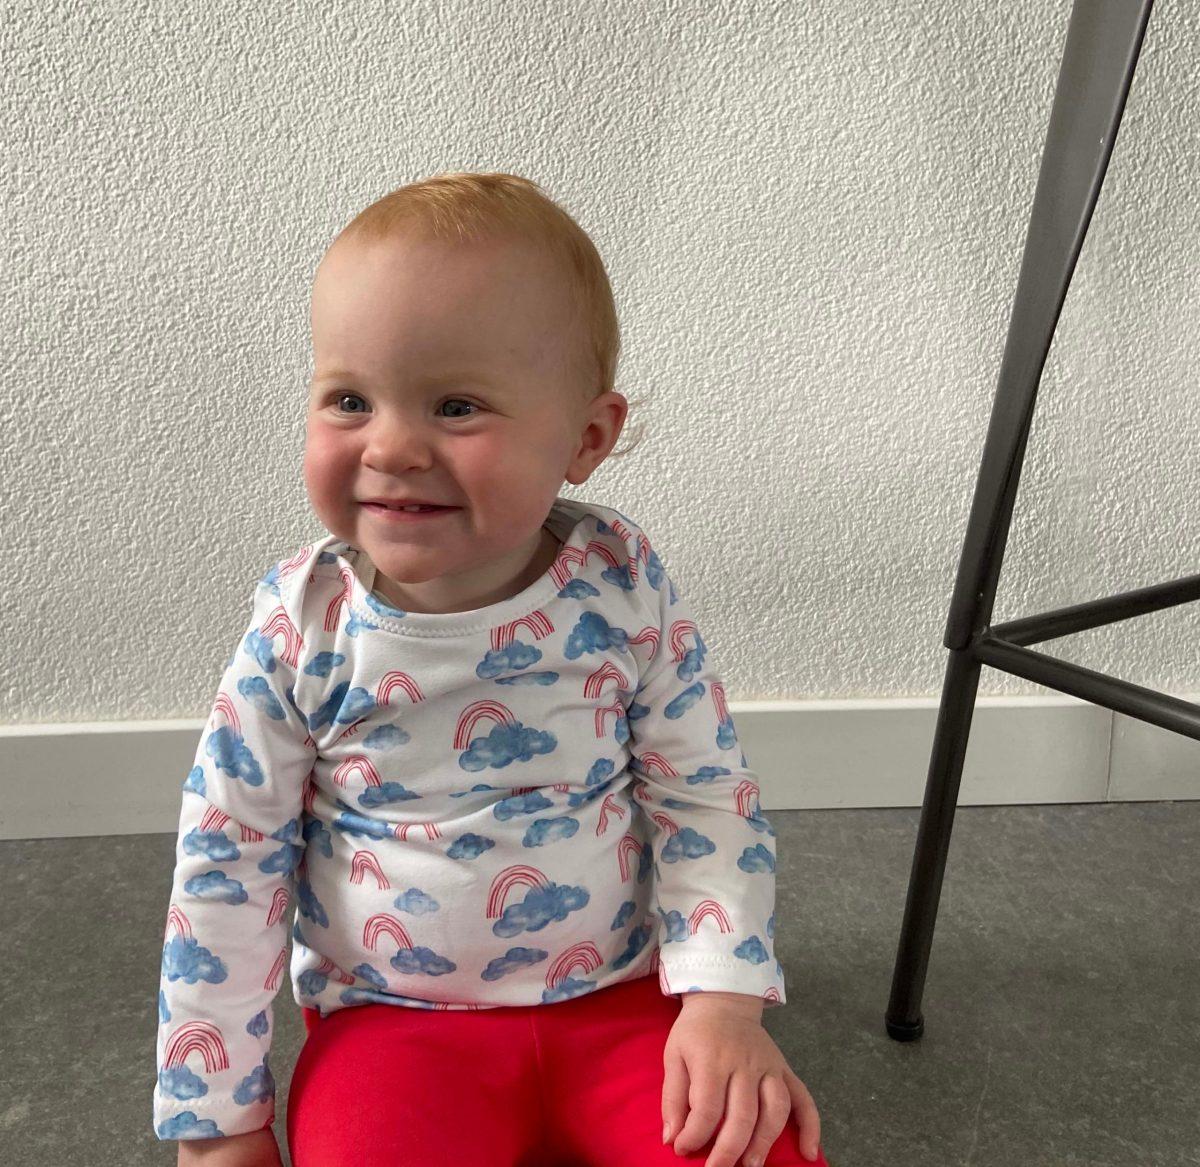 Regenboog baby, kledinglijn, regenboog setje, liefsvanlauren.nl